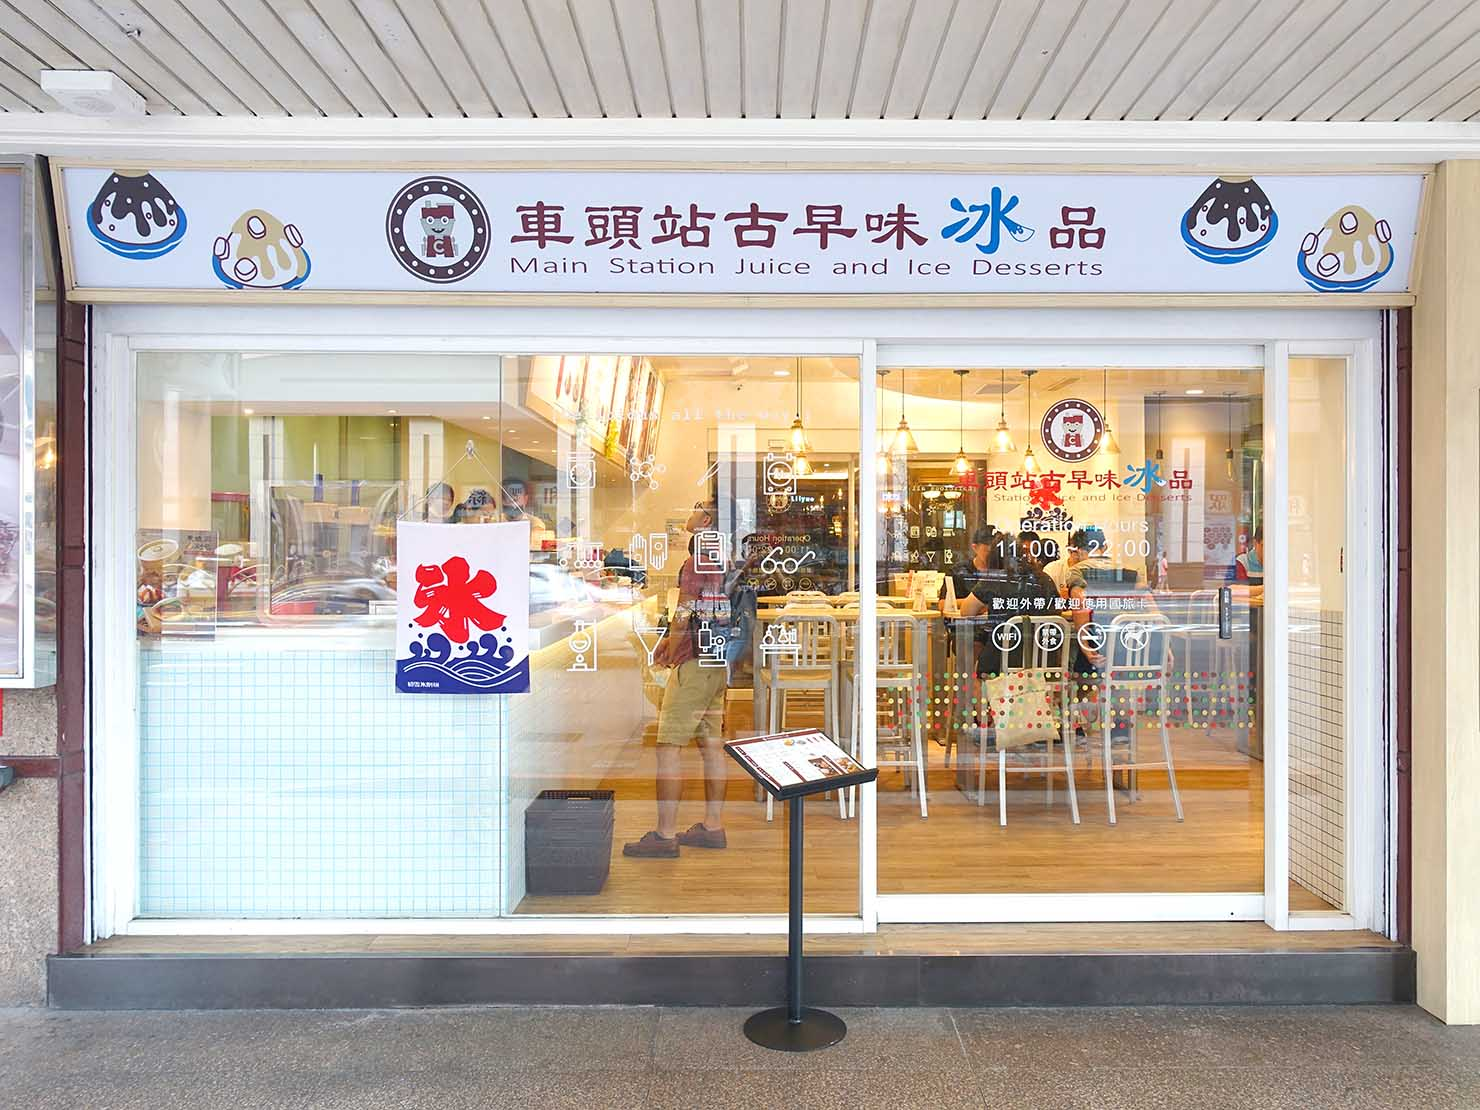 台北駅前エリア(前站)のおすすめスイーツ店「車頭站古早味冰品」の外観